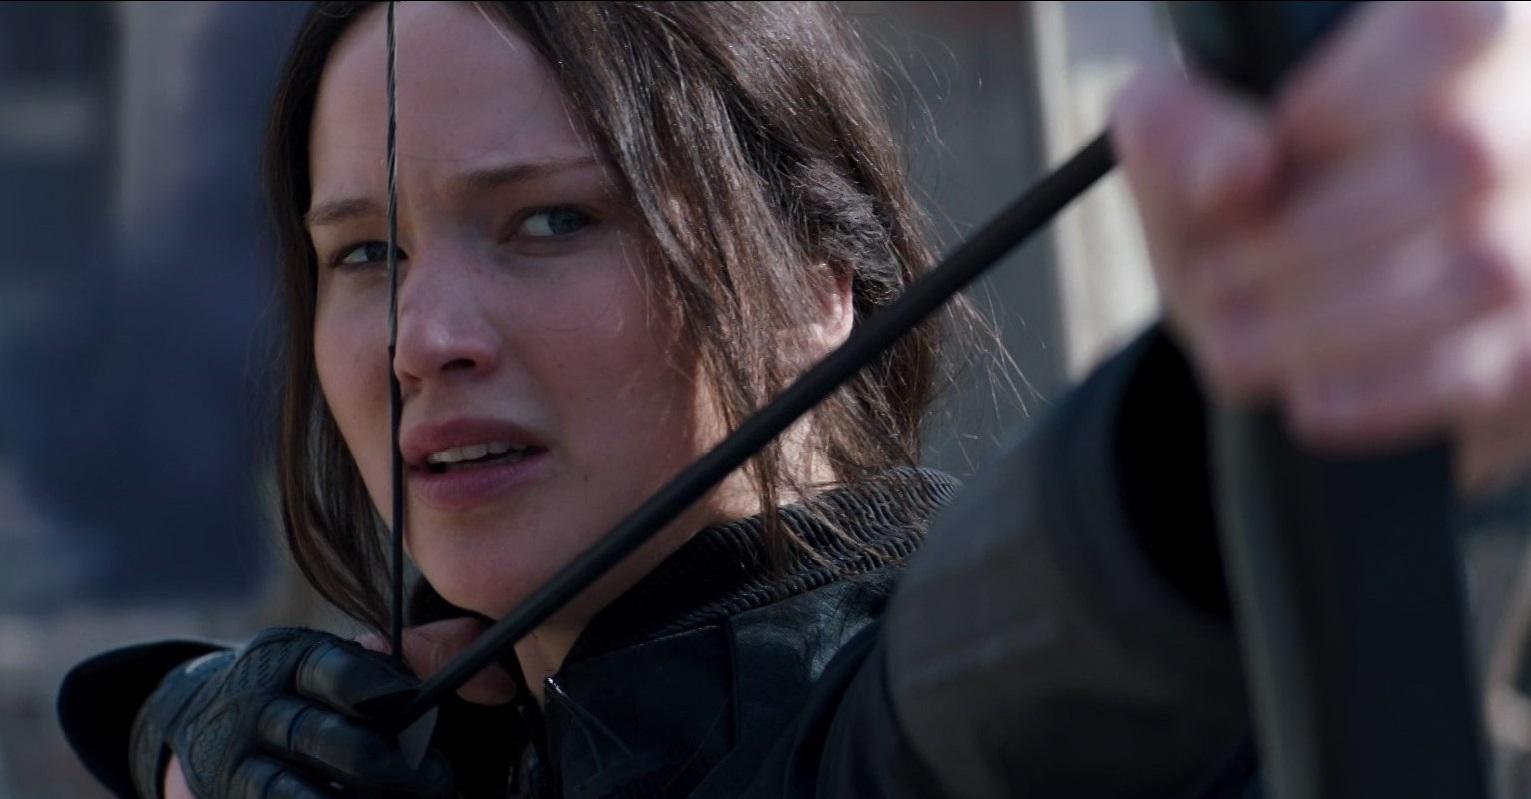 Katniss Everdeen, The Hunger Games (2012)